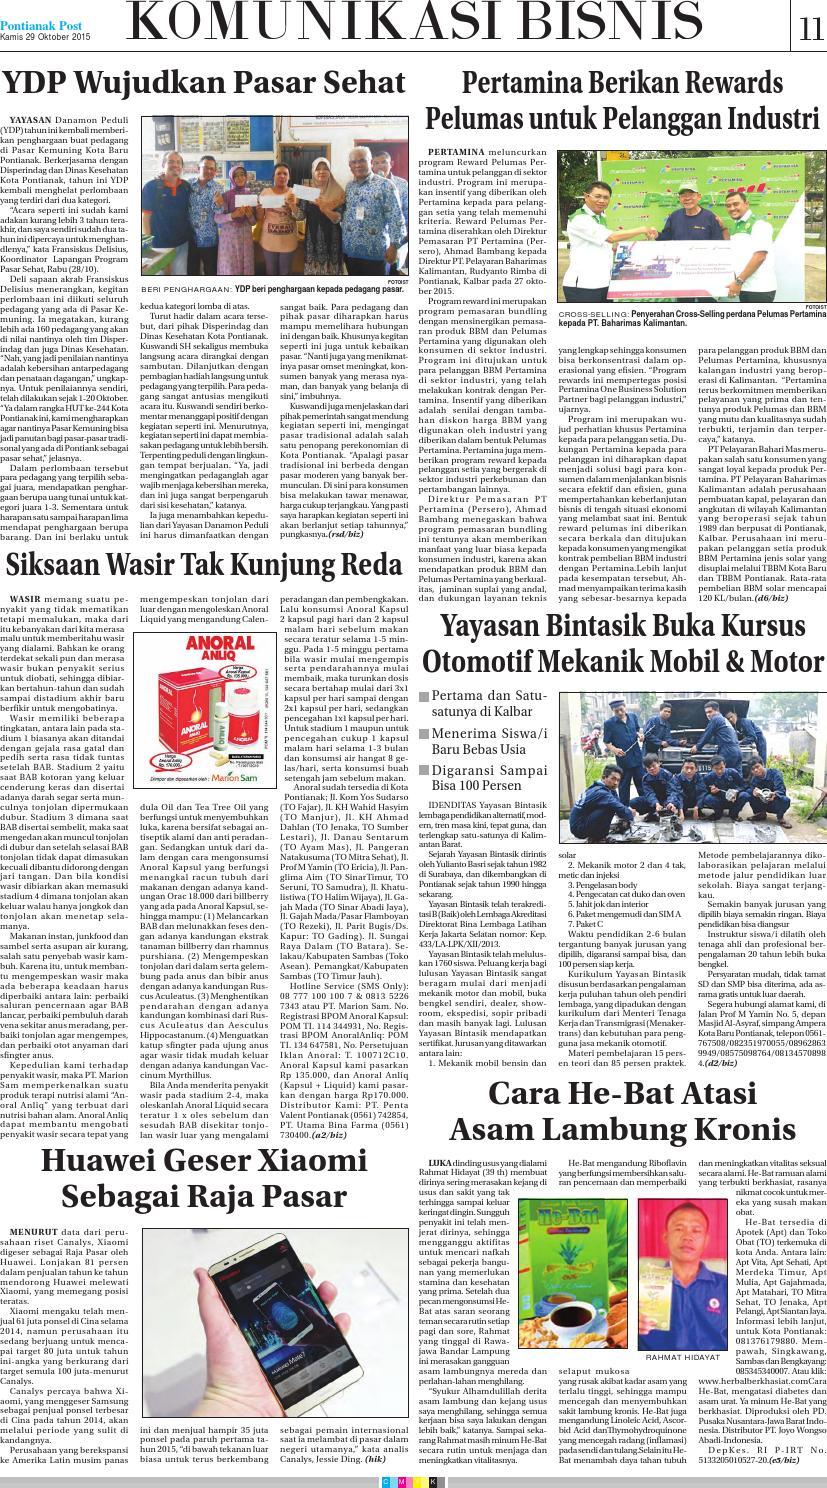 Pontianak Post By Issuu Anoral Anliq Mengobati Wasir Parah